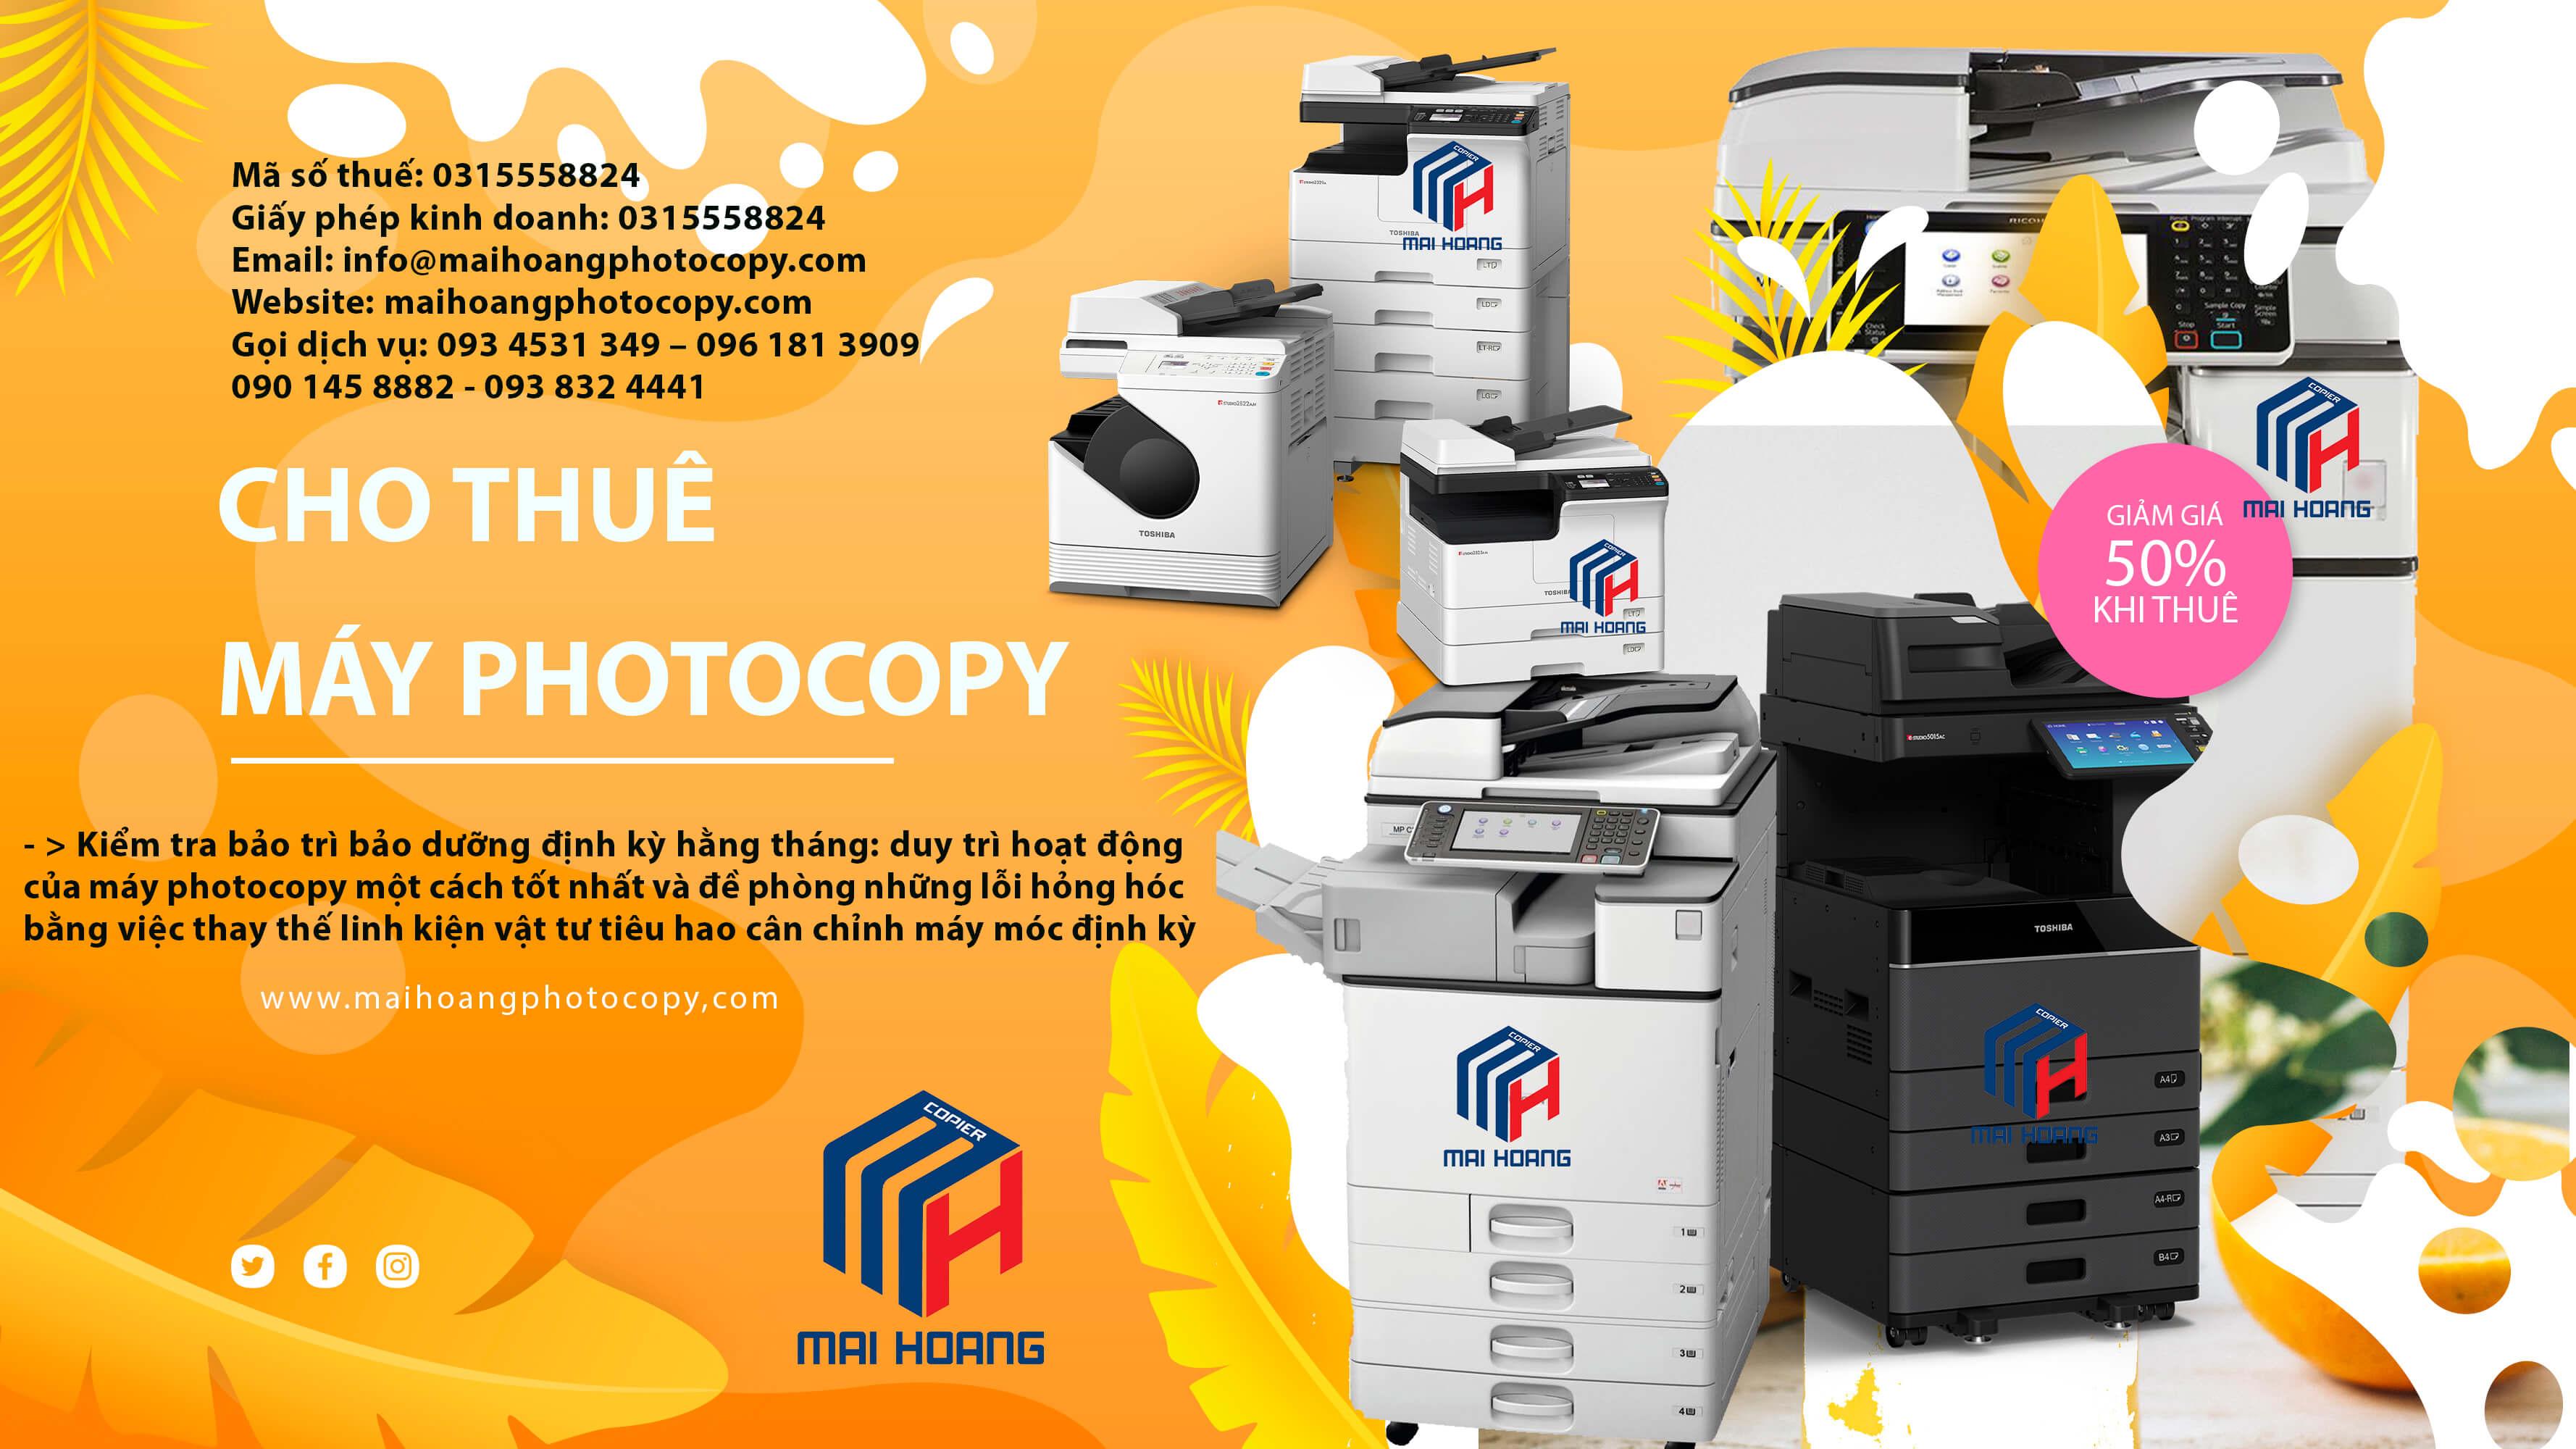 Thuê Máy Photocopy Laser Màu Đa Chức Năng Ricoh MP C3504ex Tại sao bạn nên lựa chọn dịch vụ thuê máy photocop